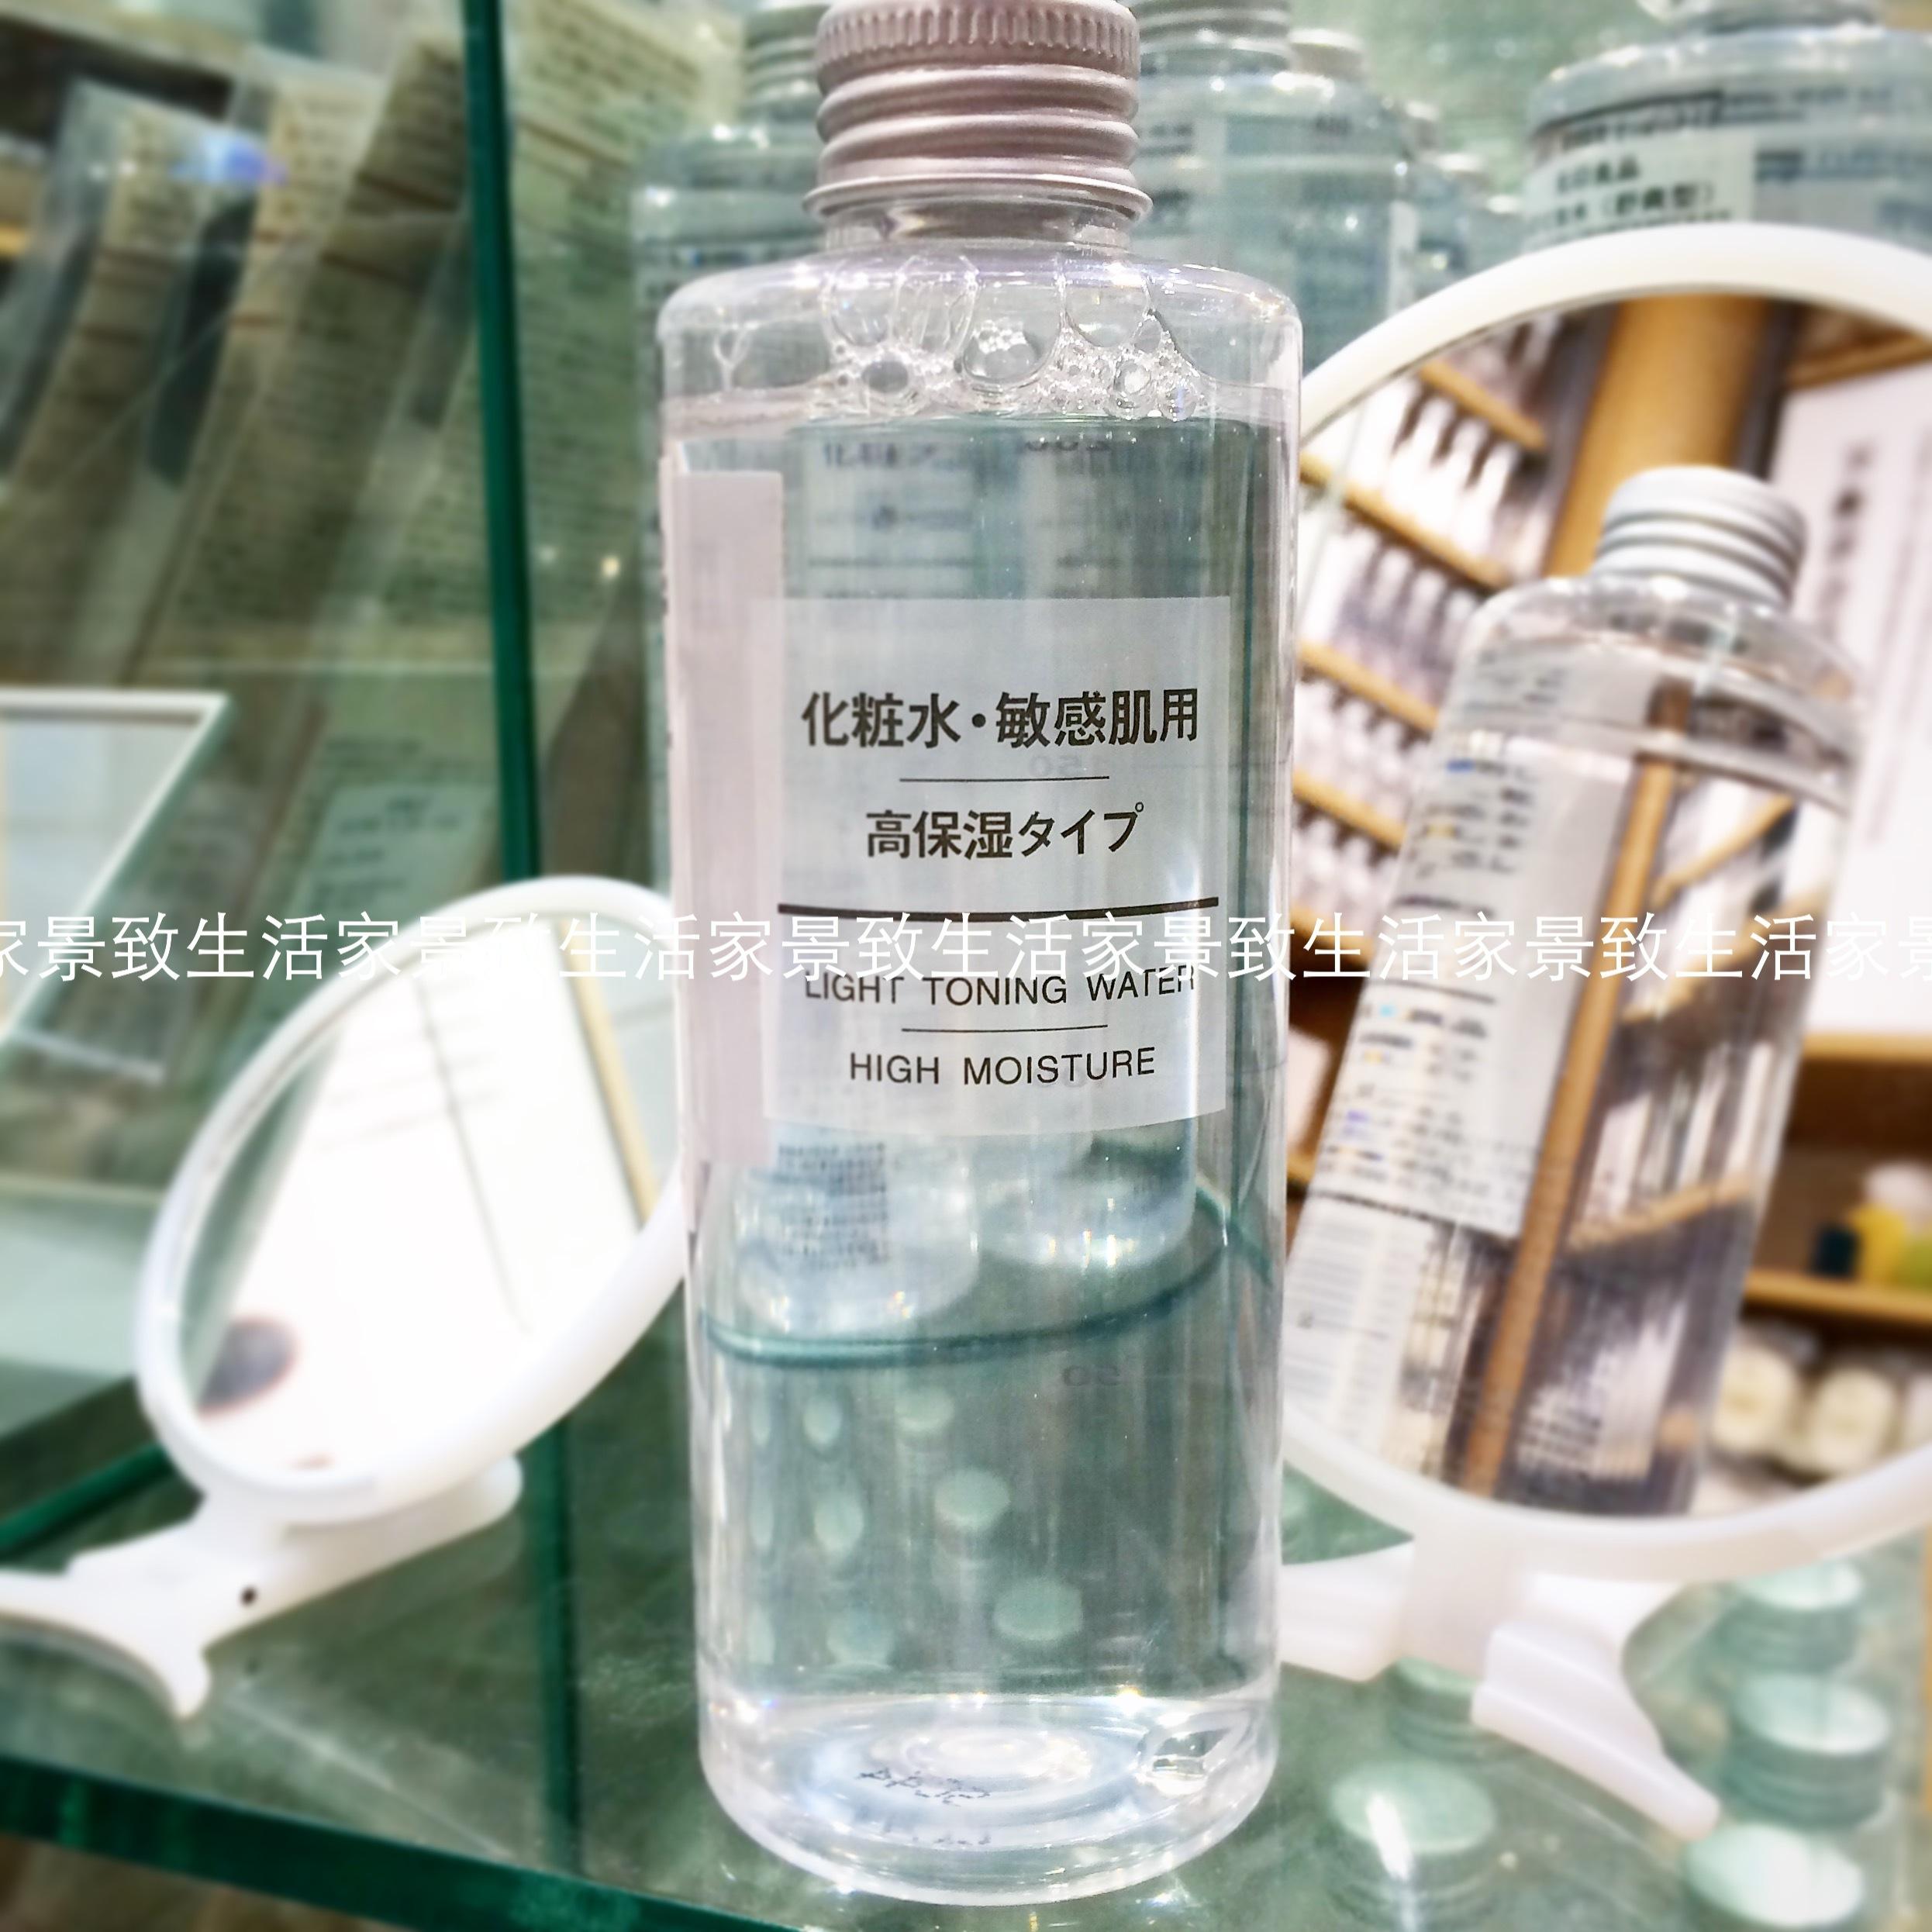 MUJI 无印良品 舒柔敏感肌高保湿化妆水 200ml 日本产 专柜代购